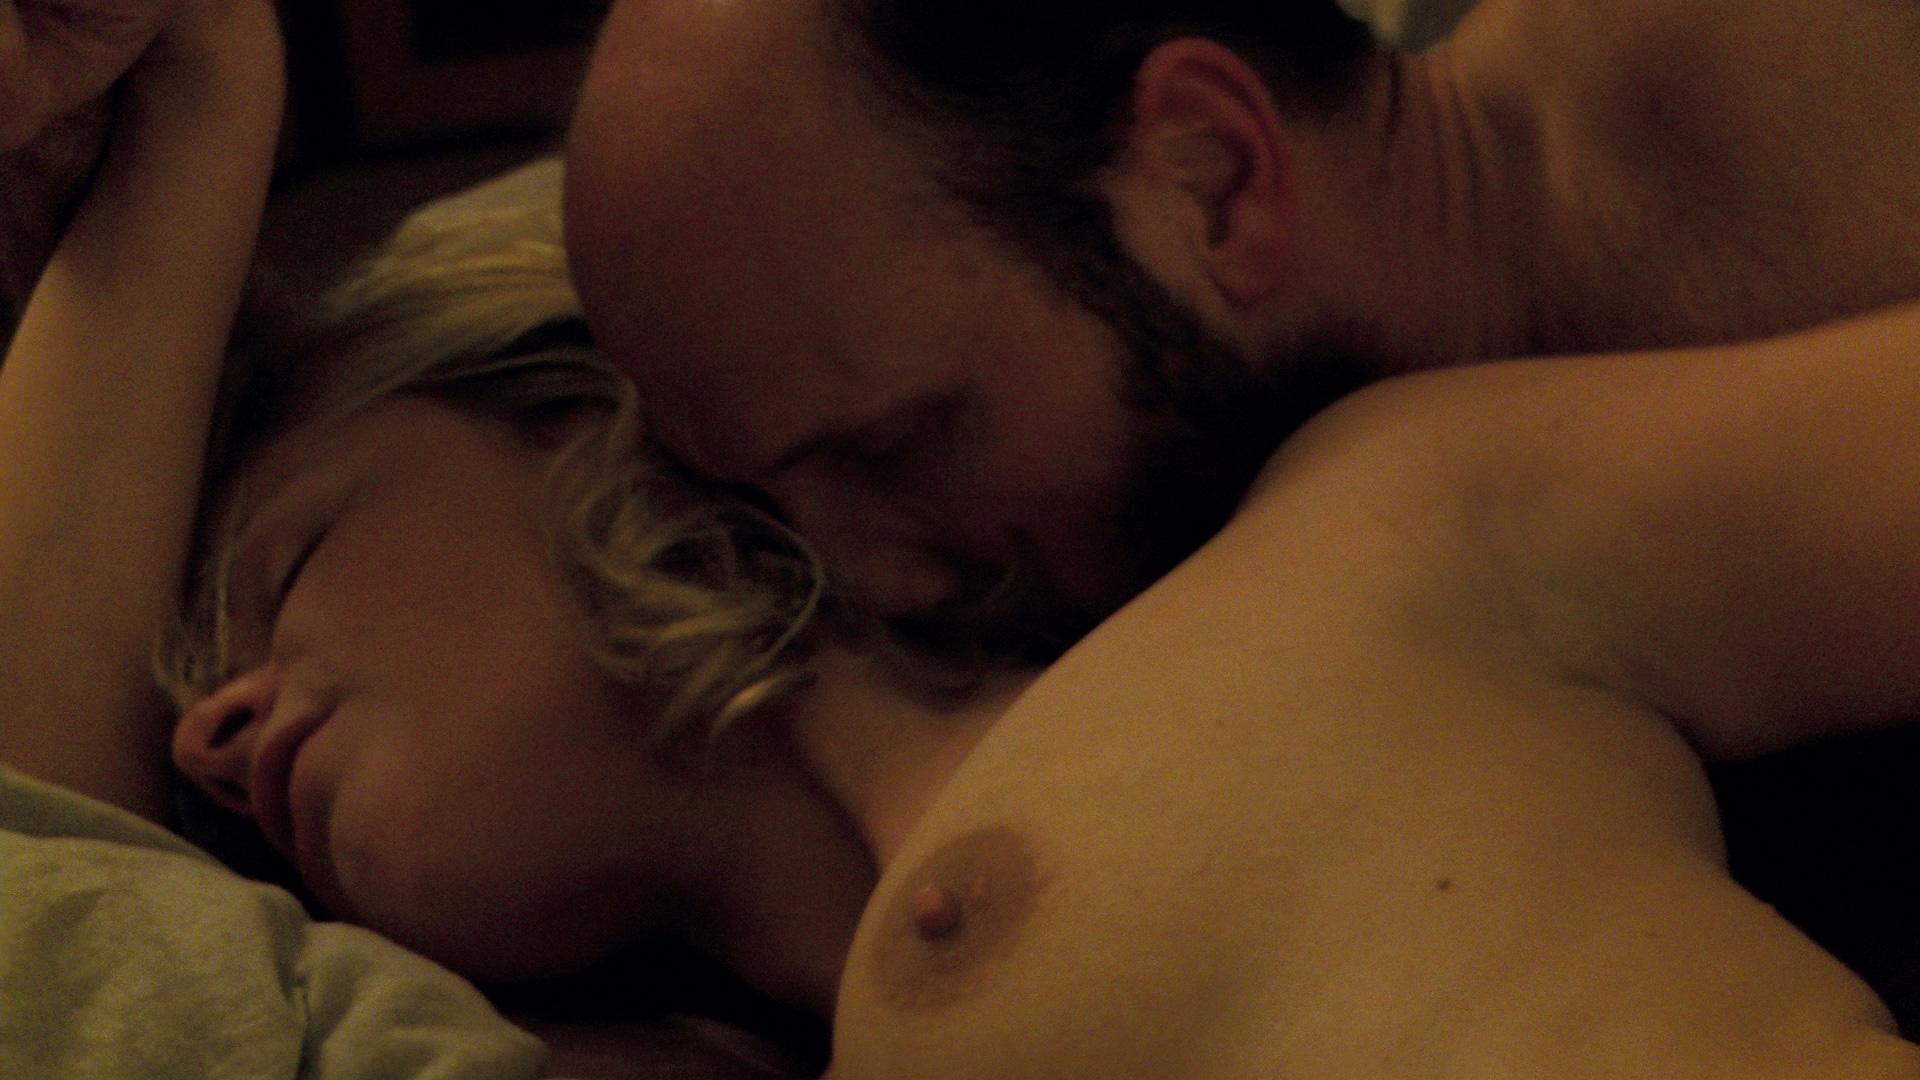 Кино эротика франция канада фильм порно онлайн